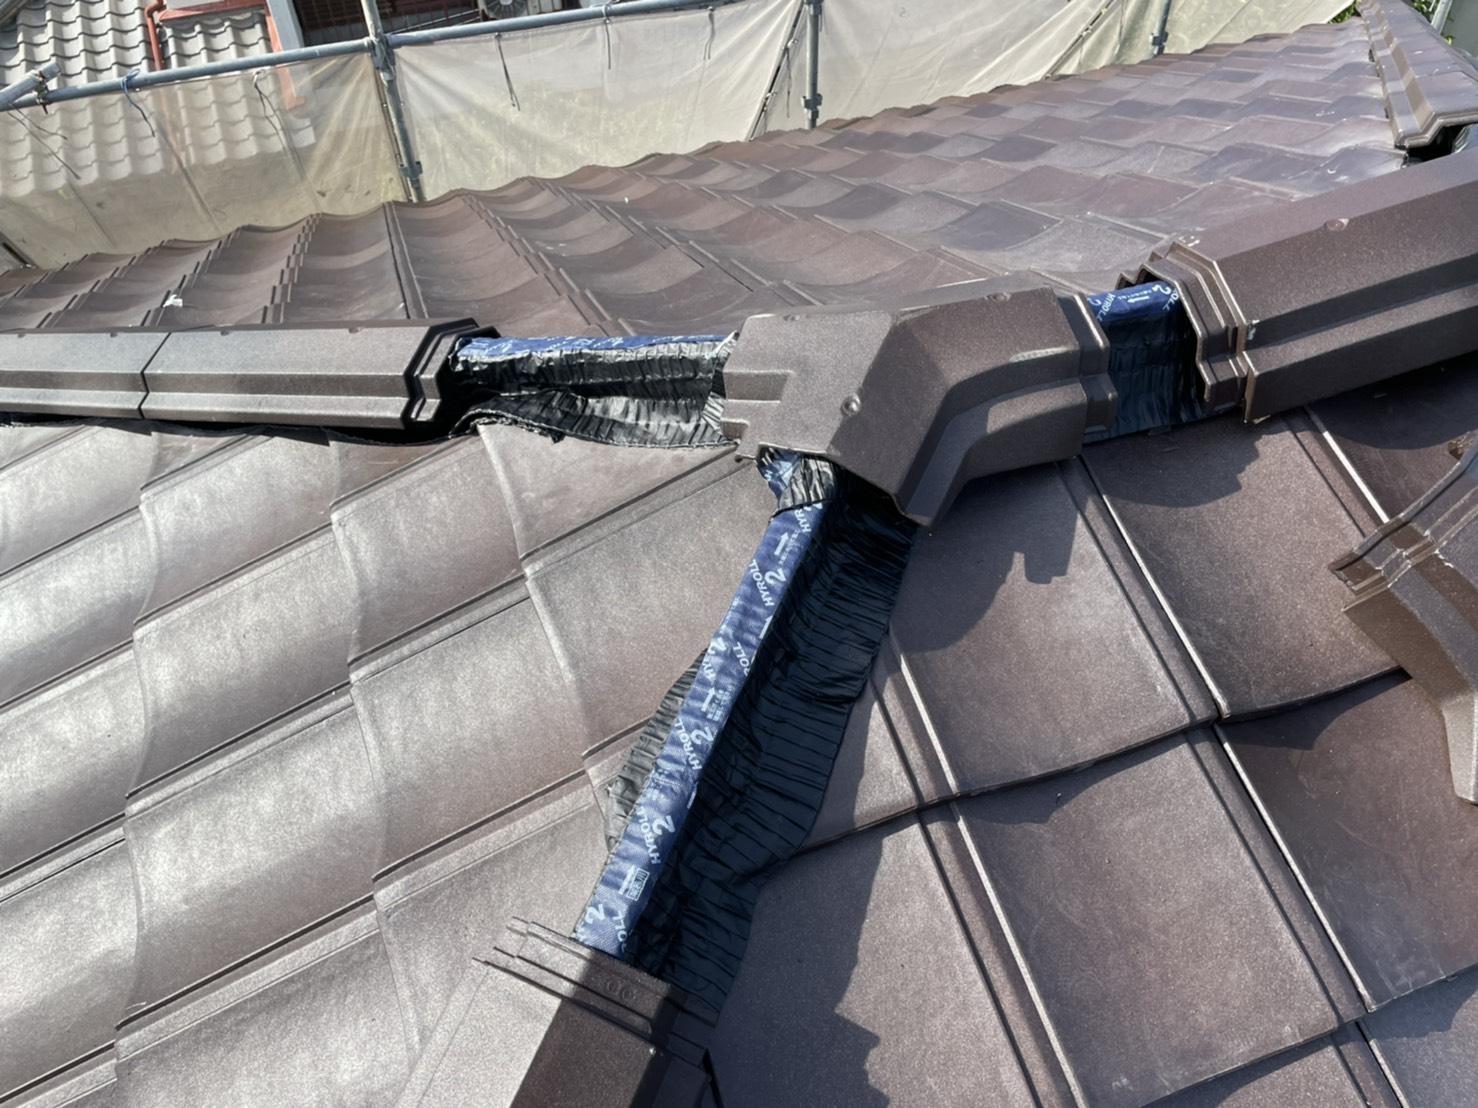 屋根葺き直し工事の仕上げにルーガの棟を取り付けている様子